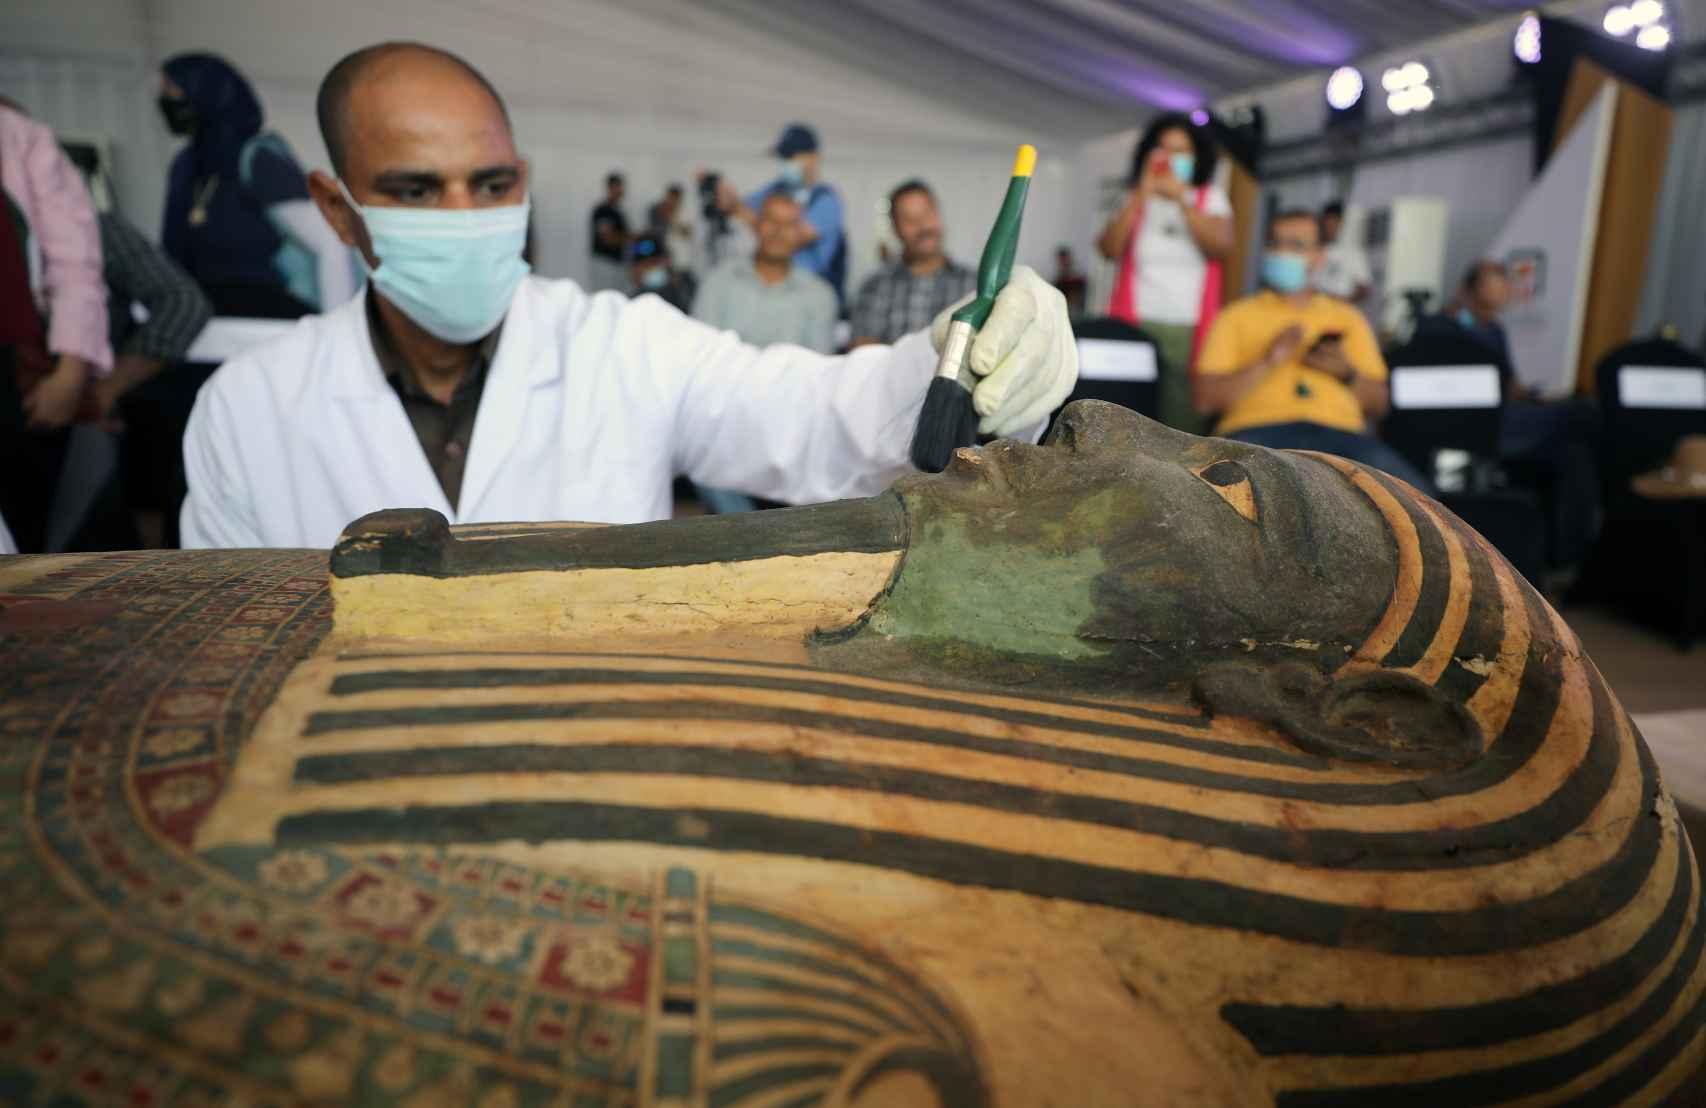 Un restaurador trabajando sobre uno de los sarcófagos hallados.